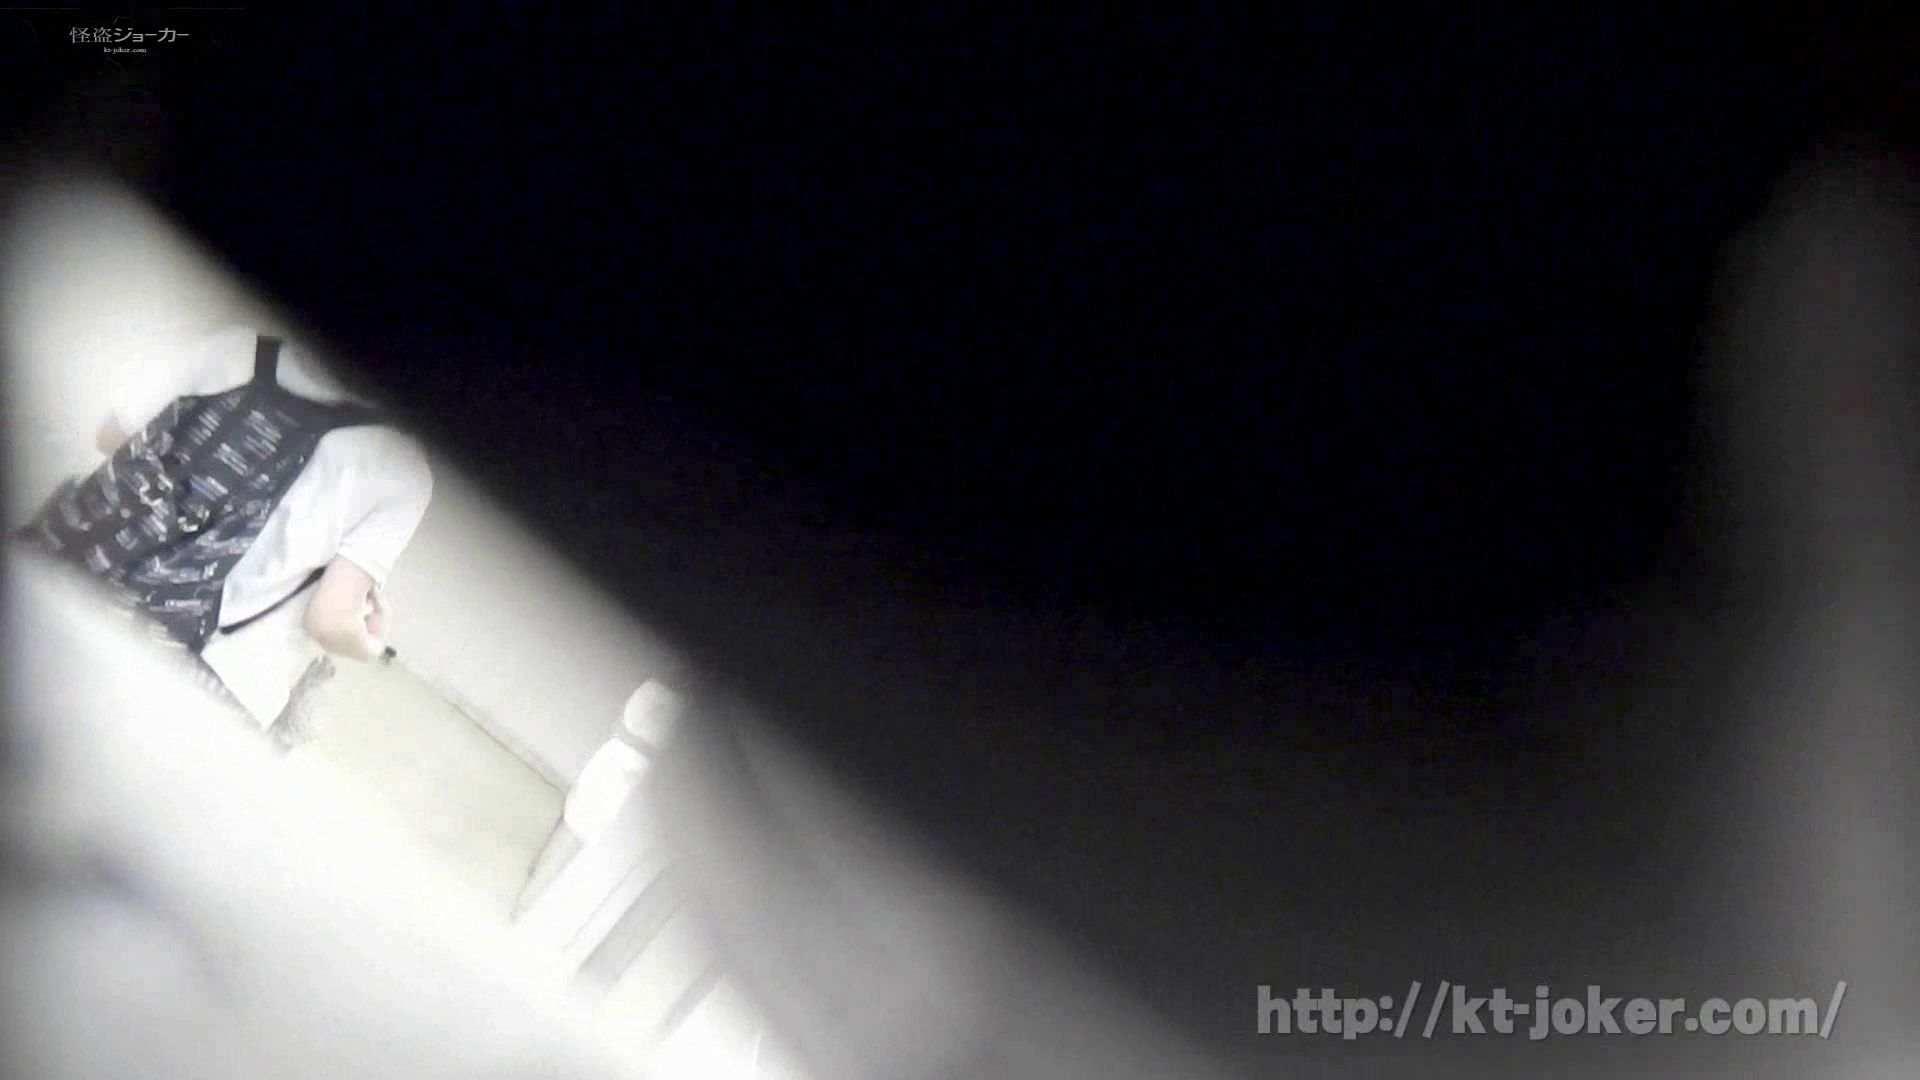 命がけ潜伏洗面所! vol.58 さらなる無謀な挑戦、新アングル、壁に穴を開ける 洗面所   プライベート  72PICs 19